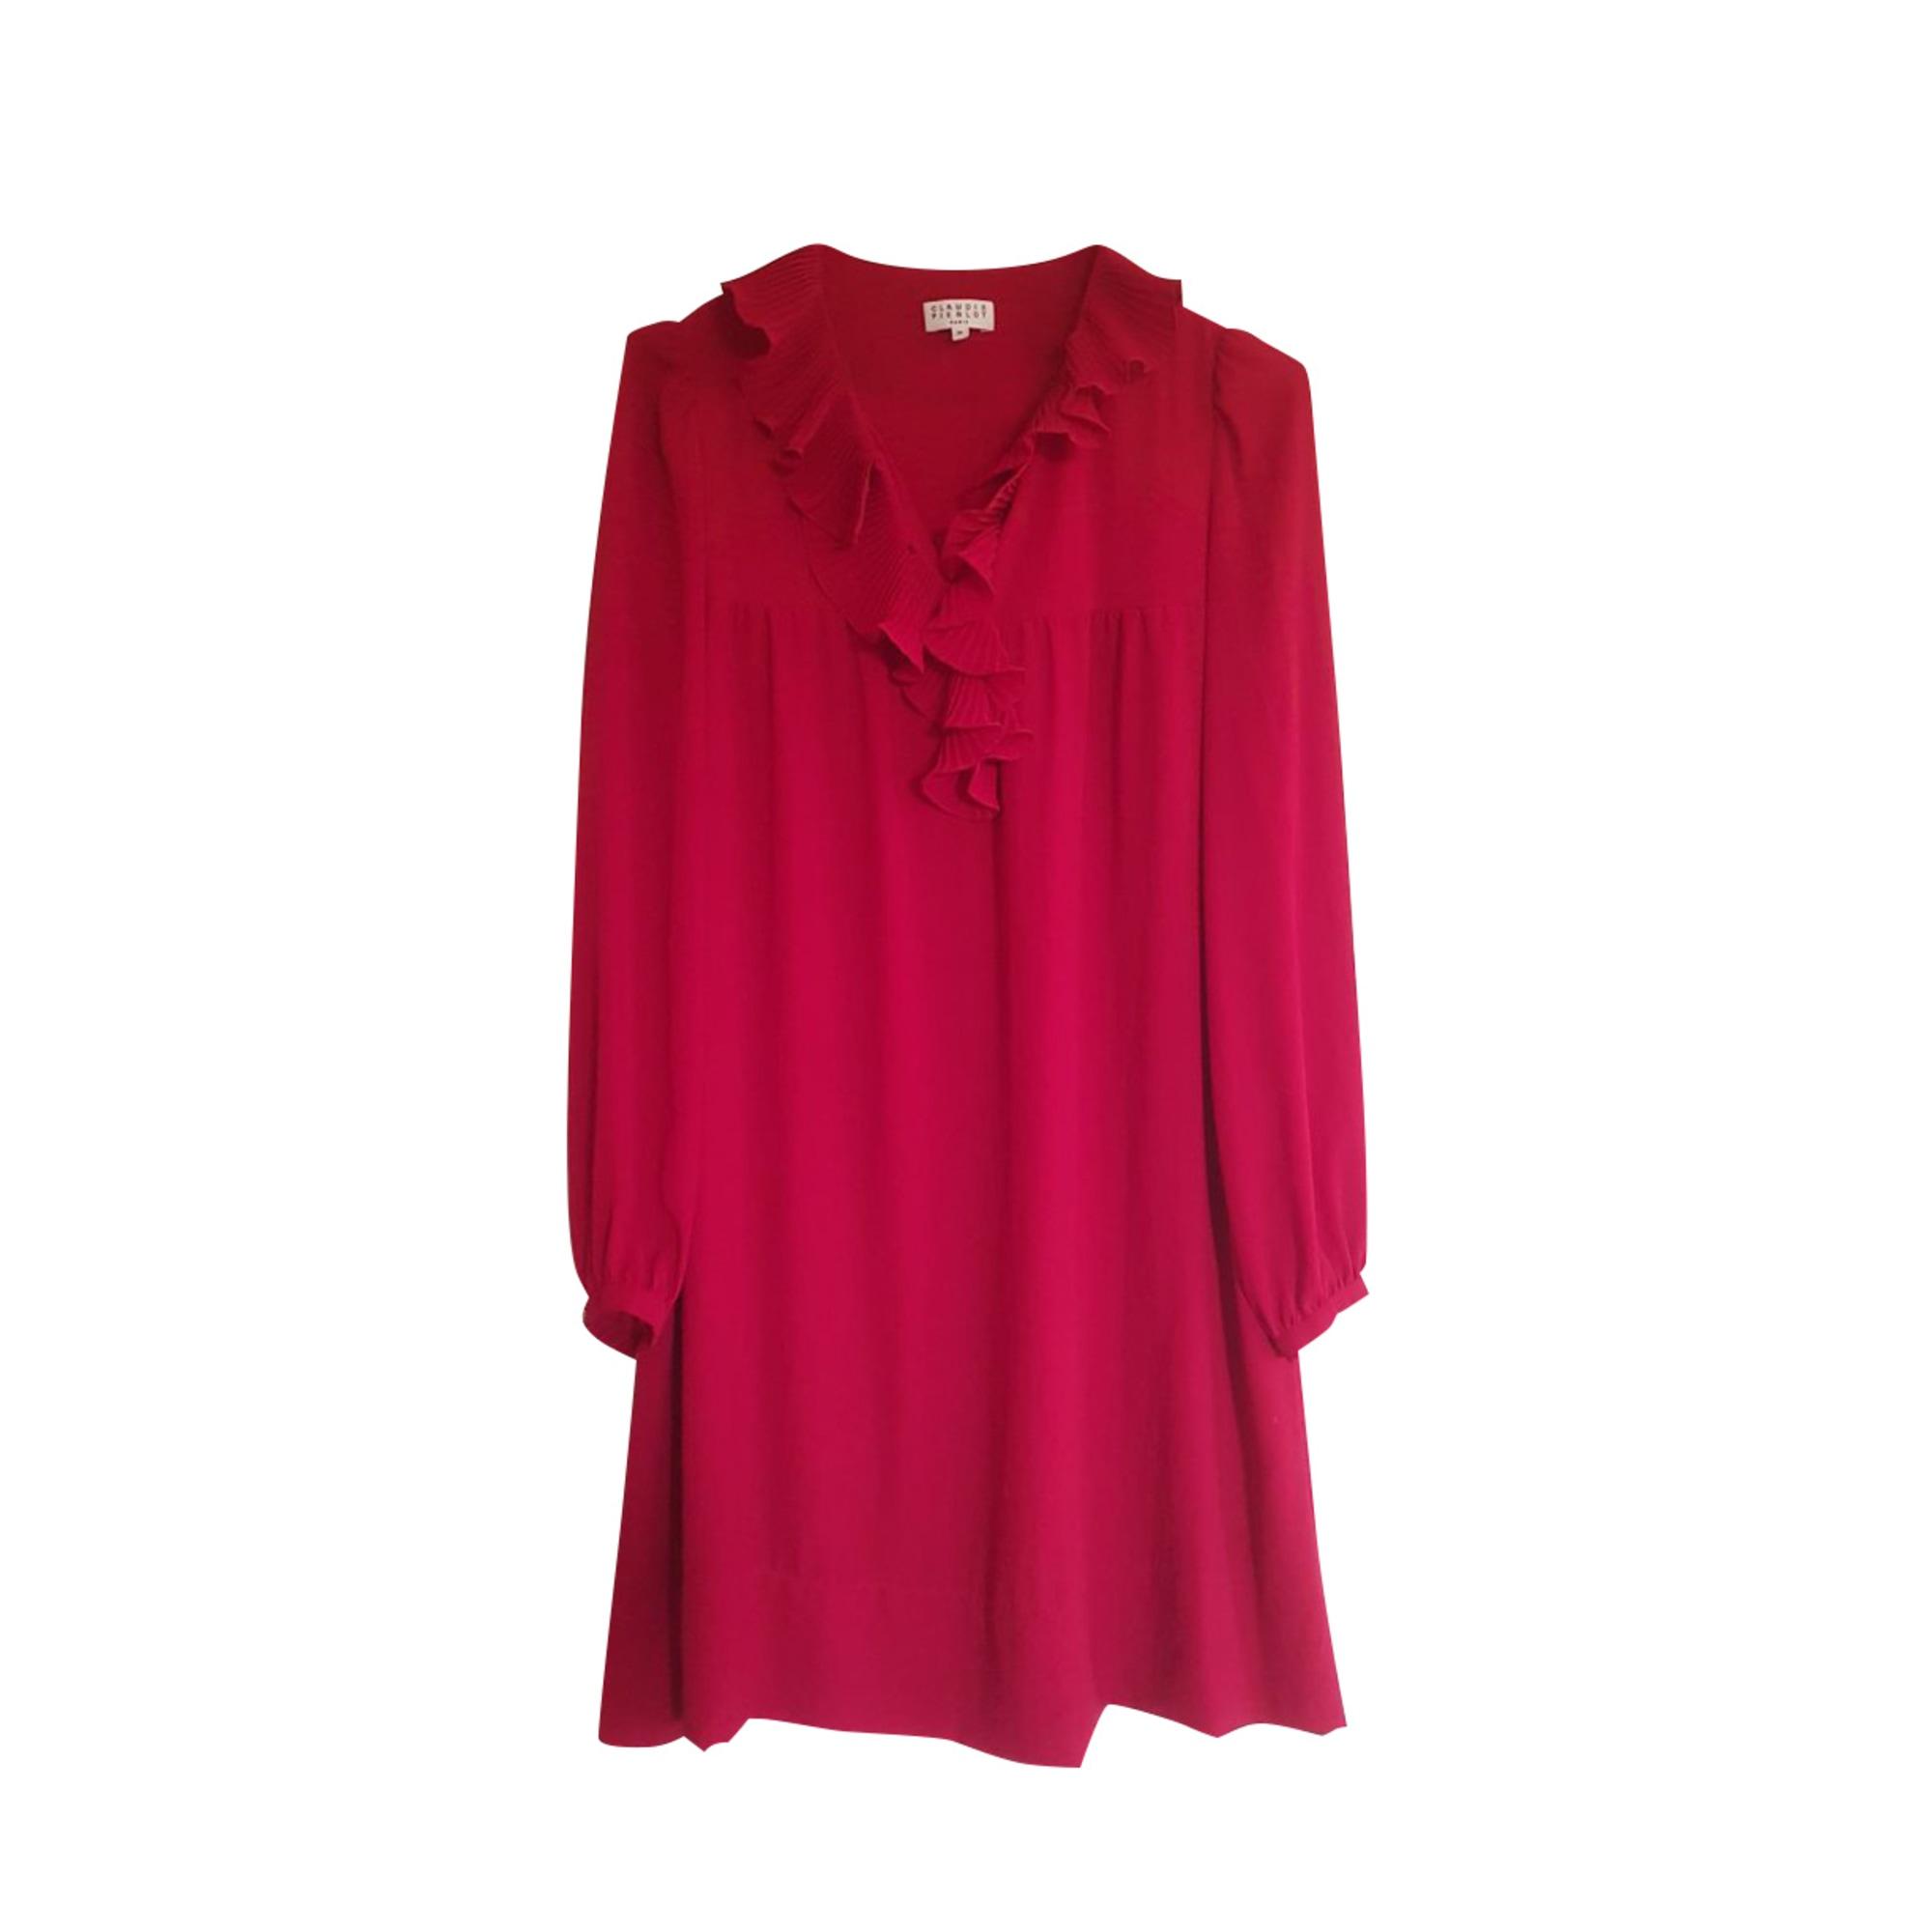 Robe courte CLAUDIE PIERLOT Rouge, bordeaux